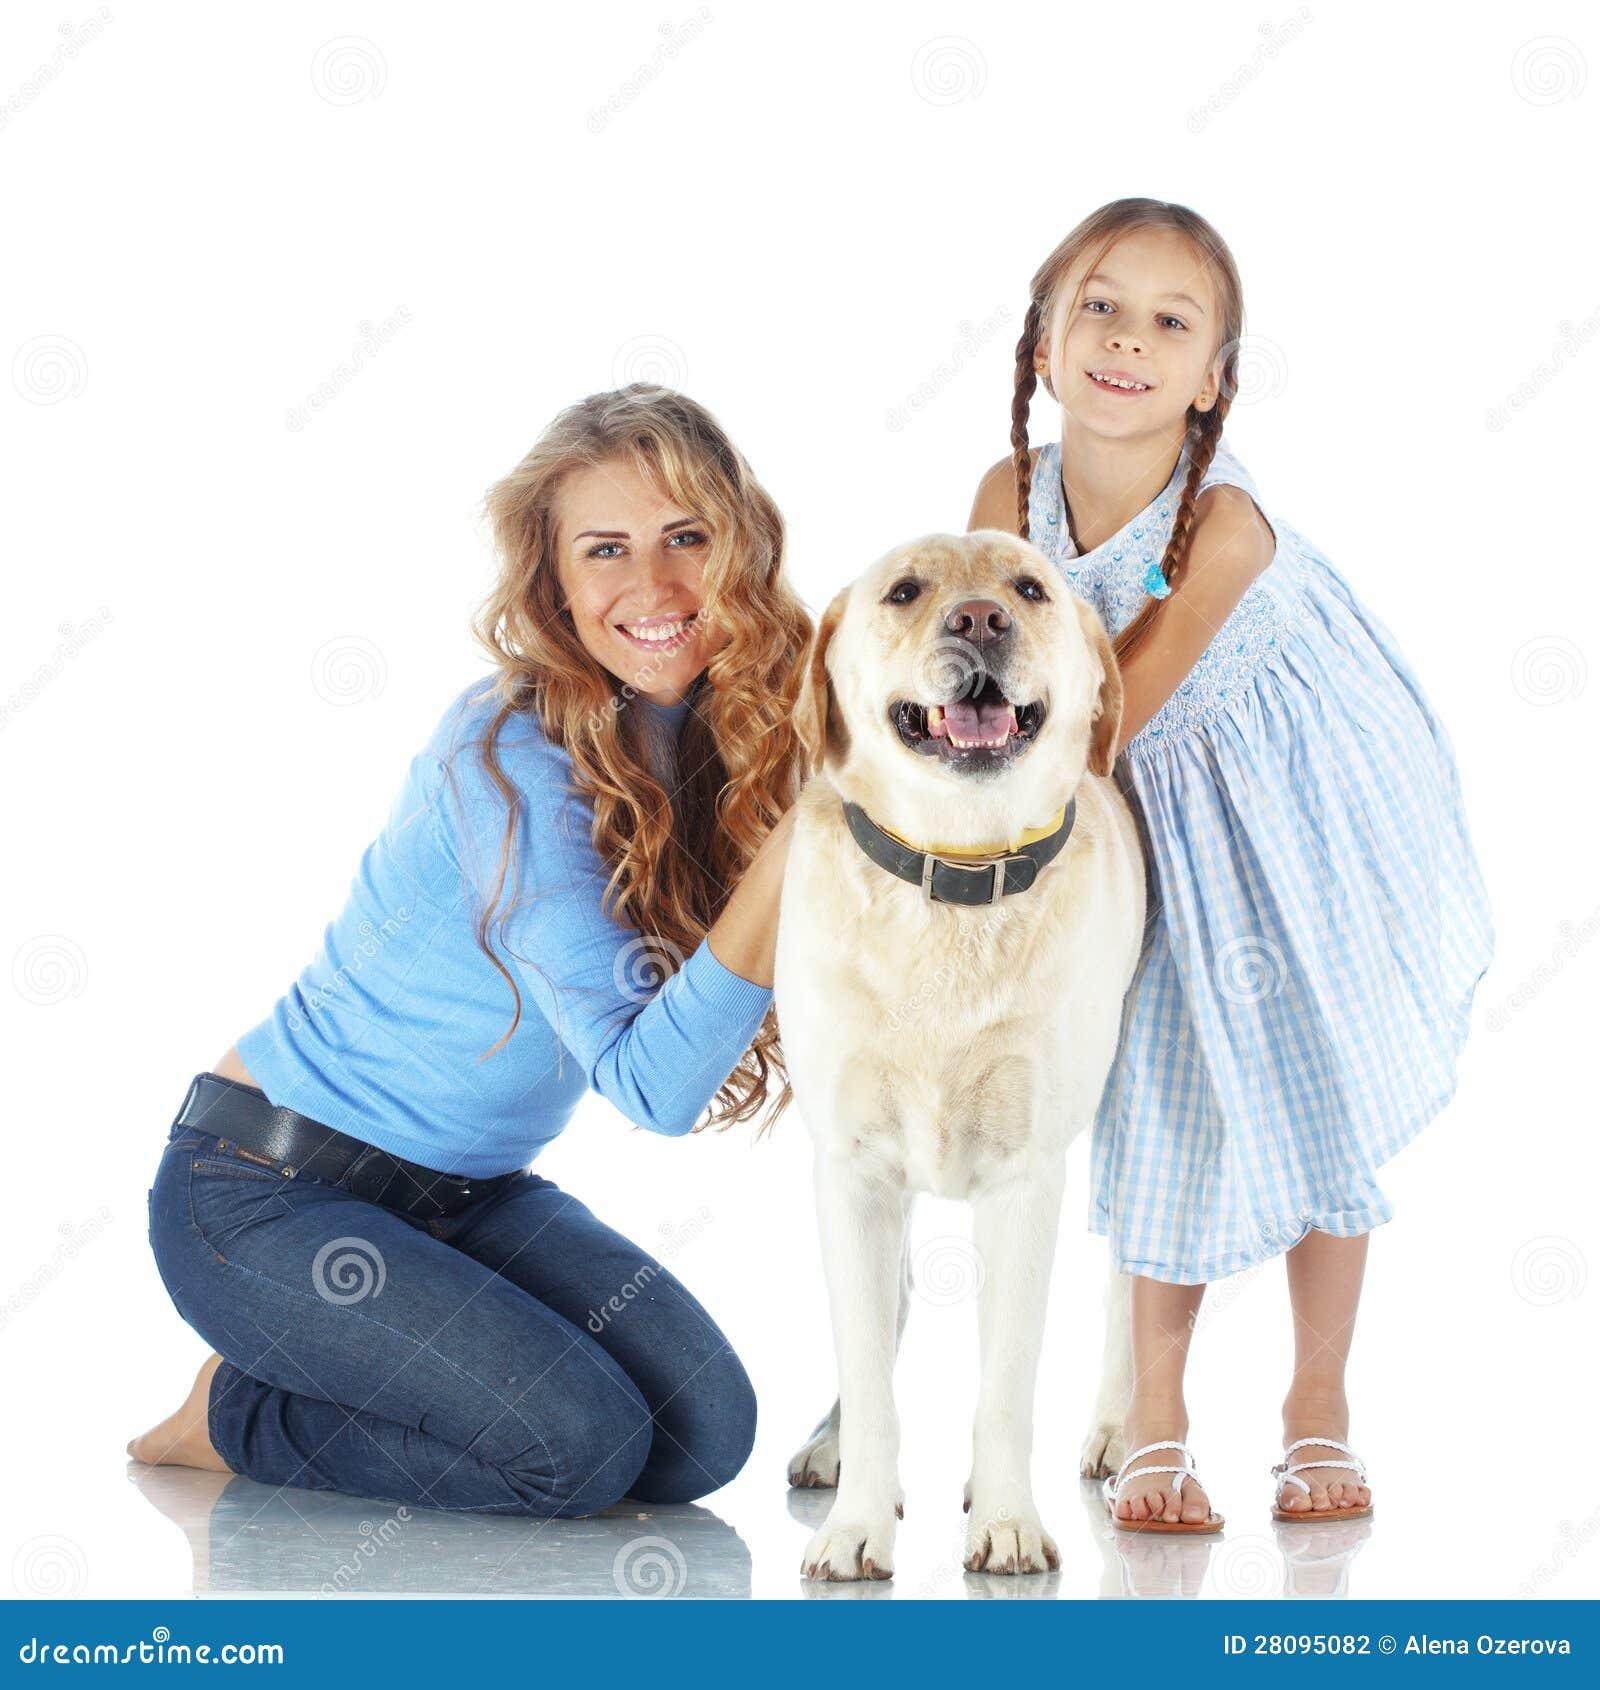 Donna e ragazza con un cane